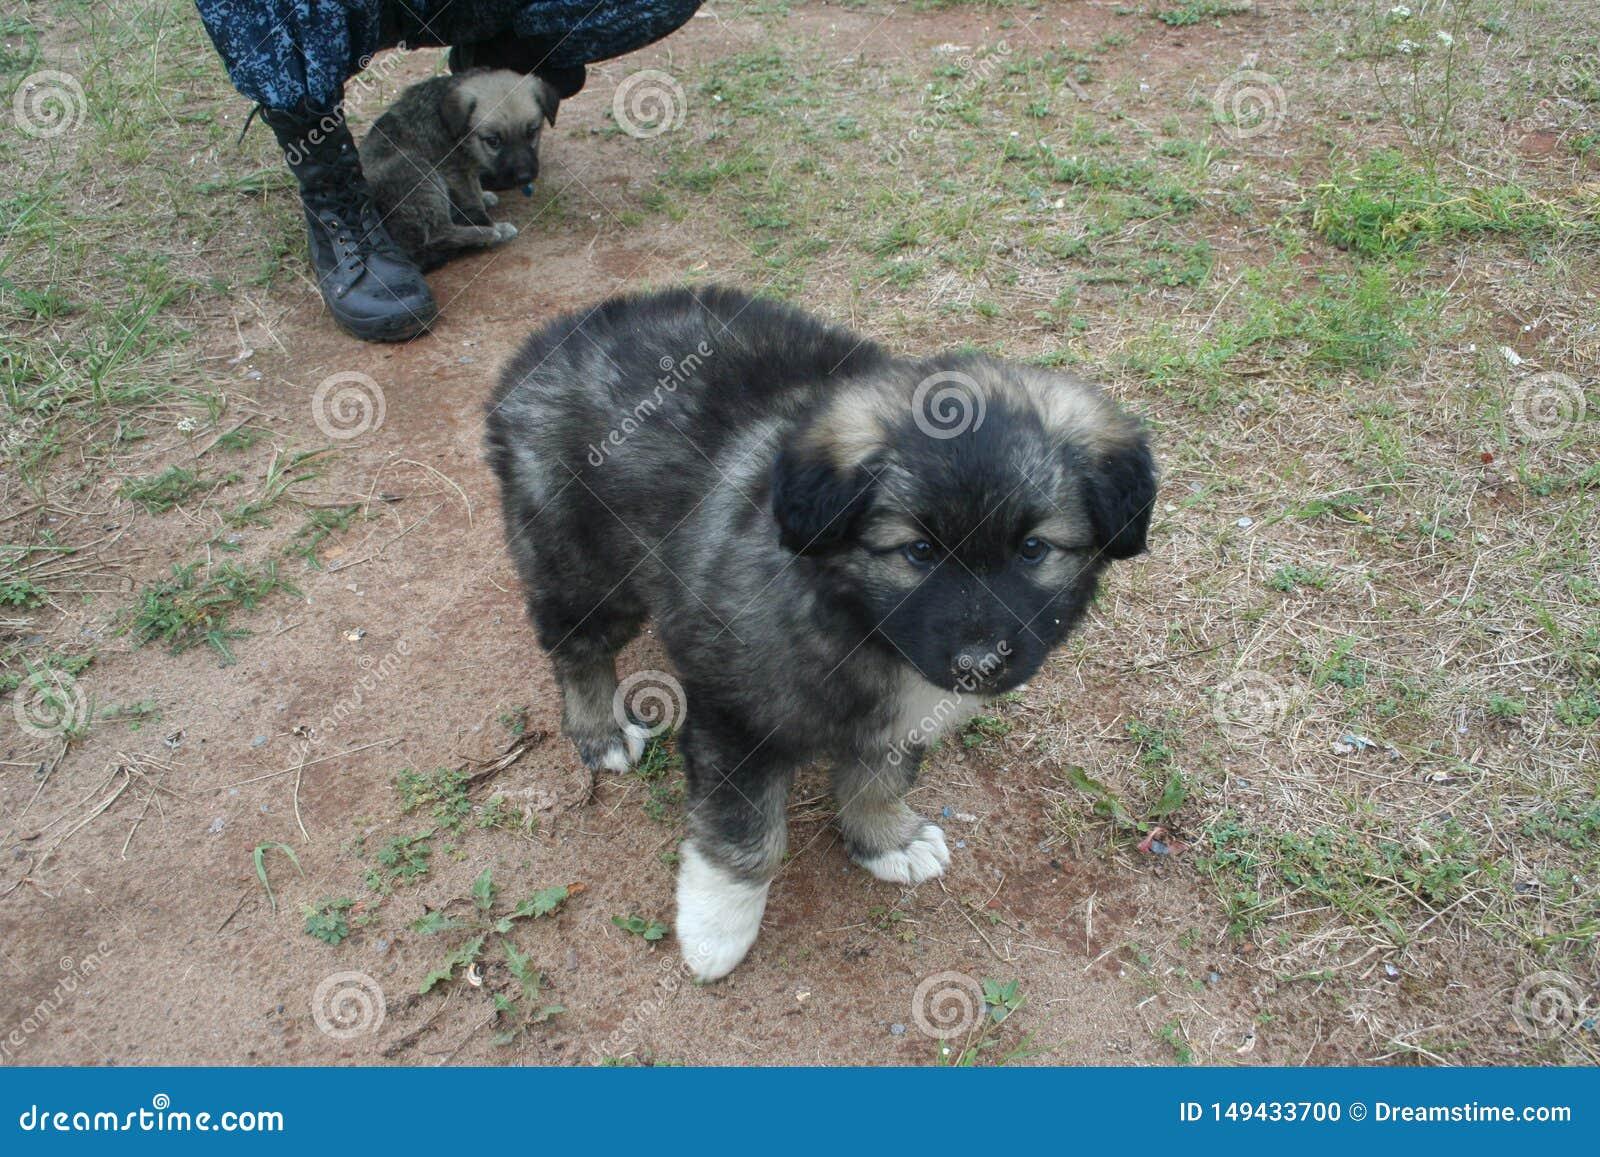 Piccolo cucciolo gentile con le zampe bianche - il figlio di grande pastore